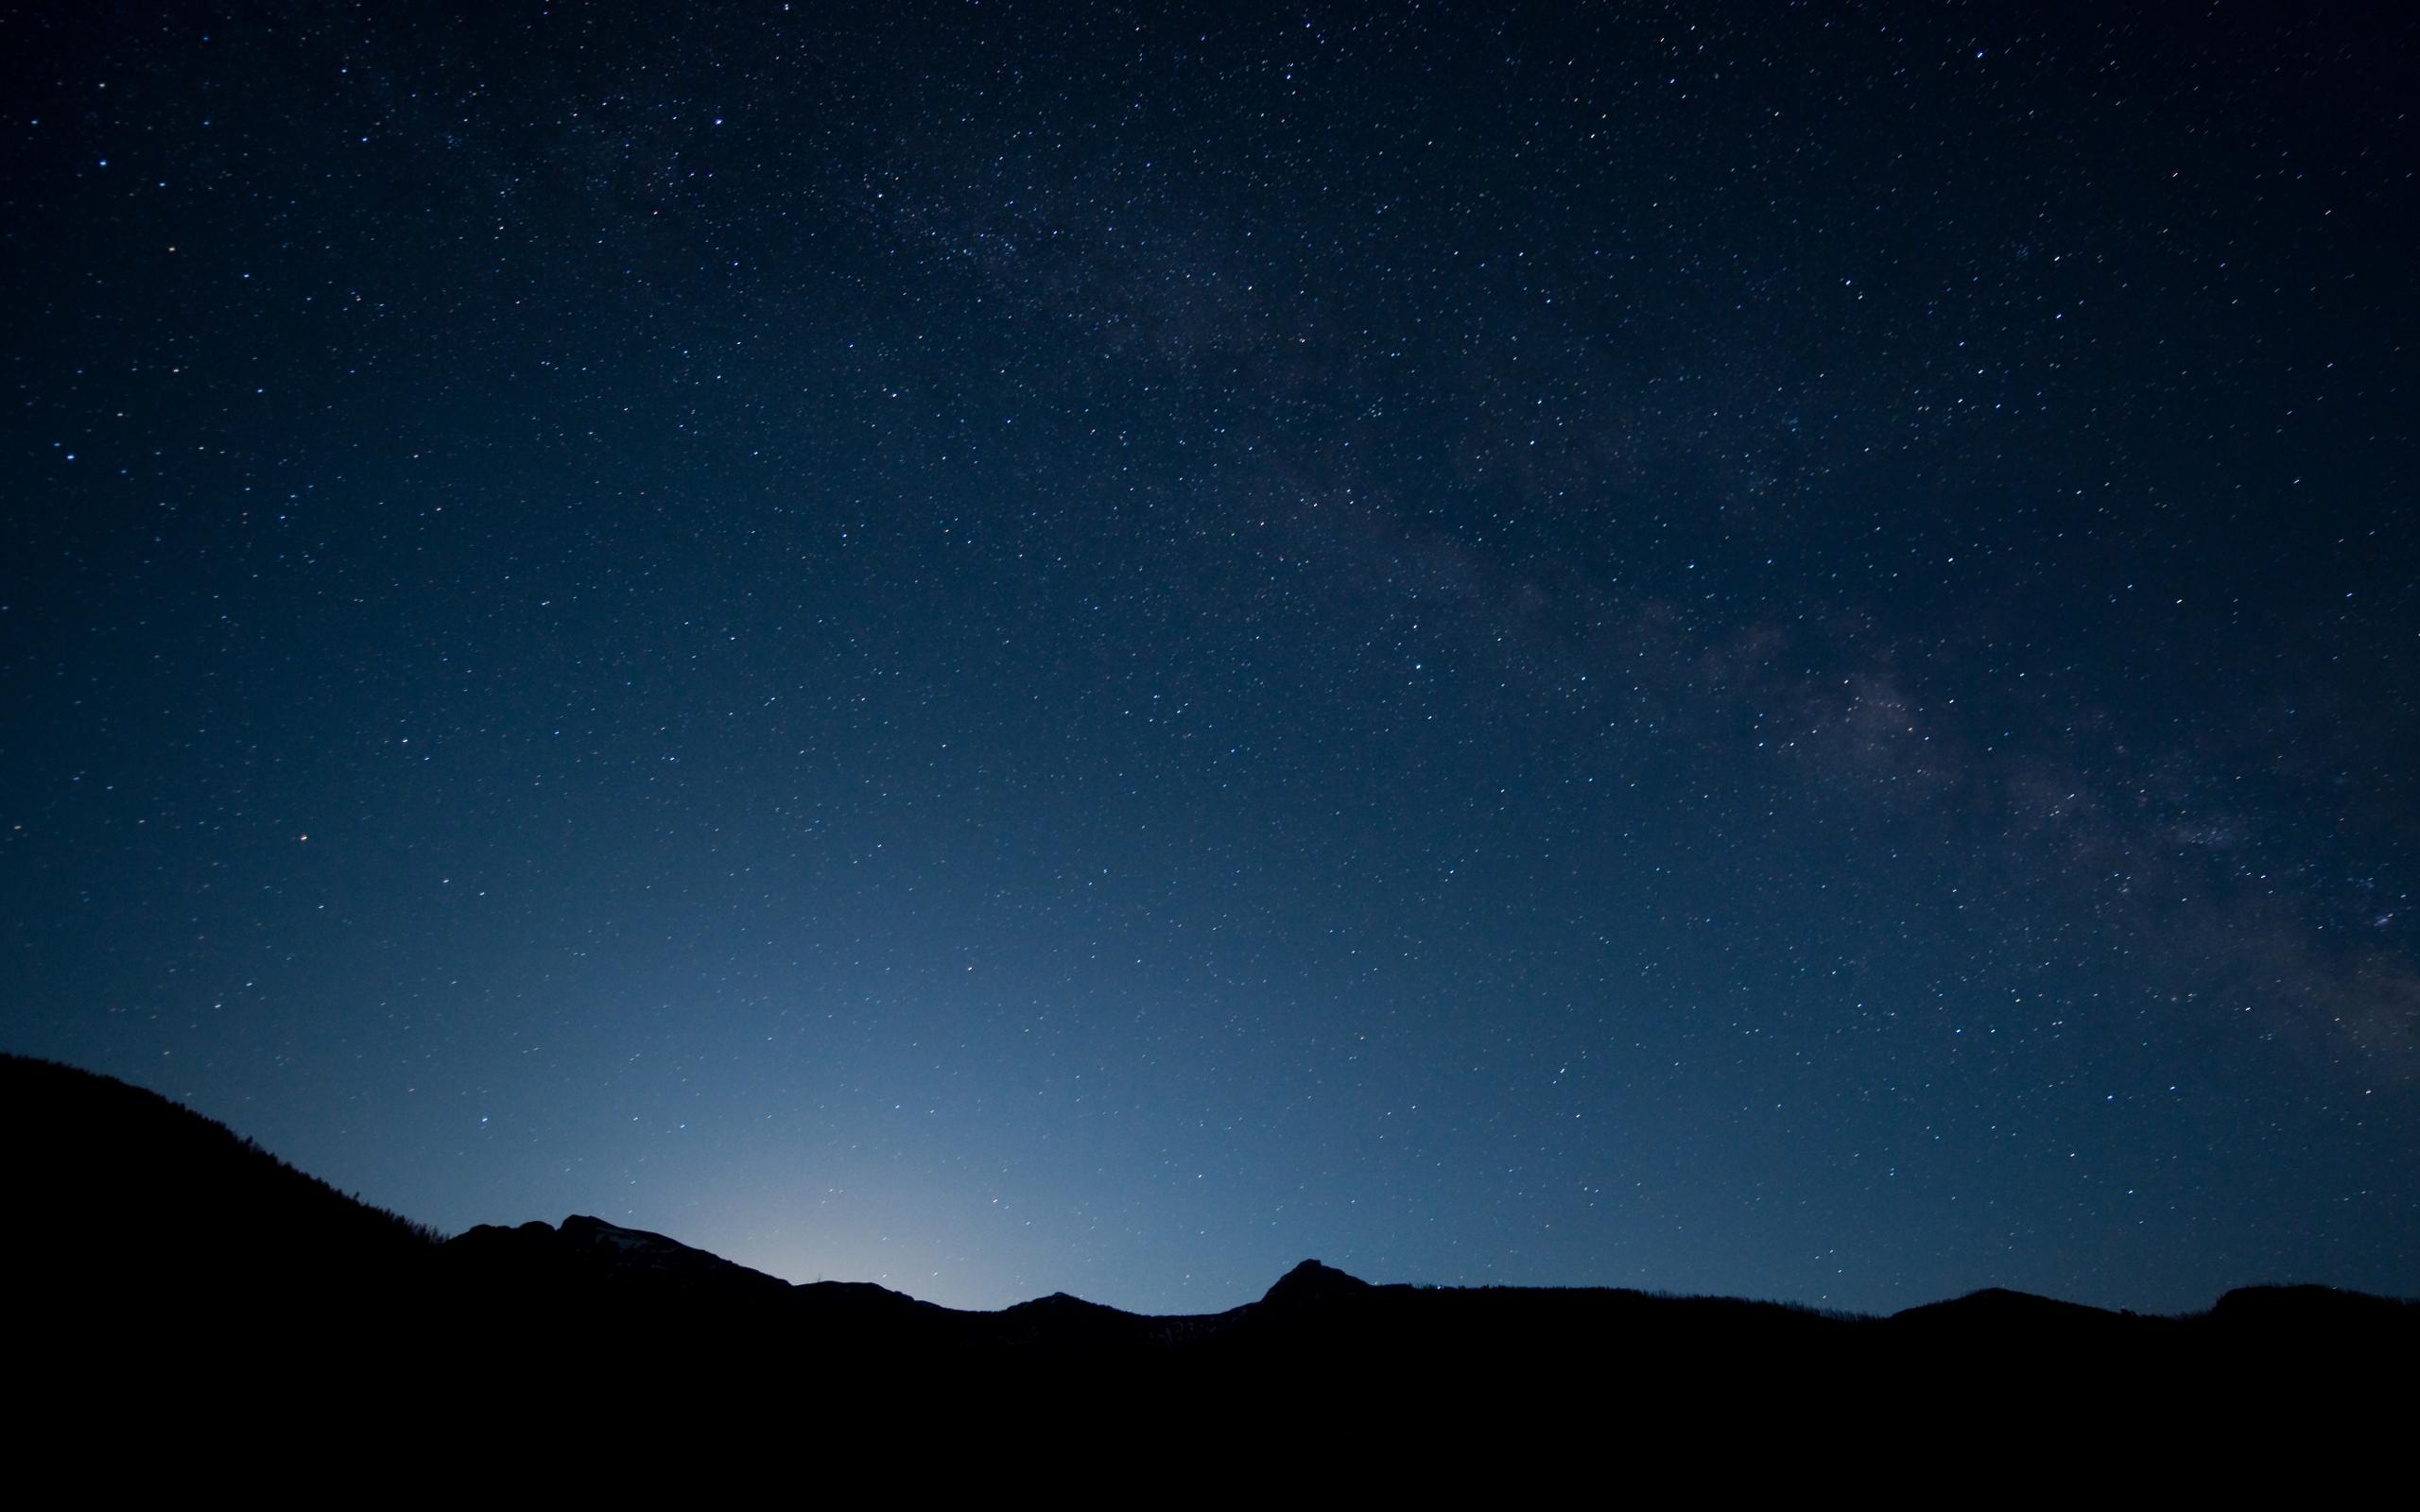 Скачать картинку Звезды, Ночь, Пейзаж, Небо в телефон бесплатно.